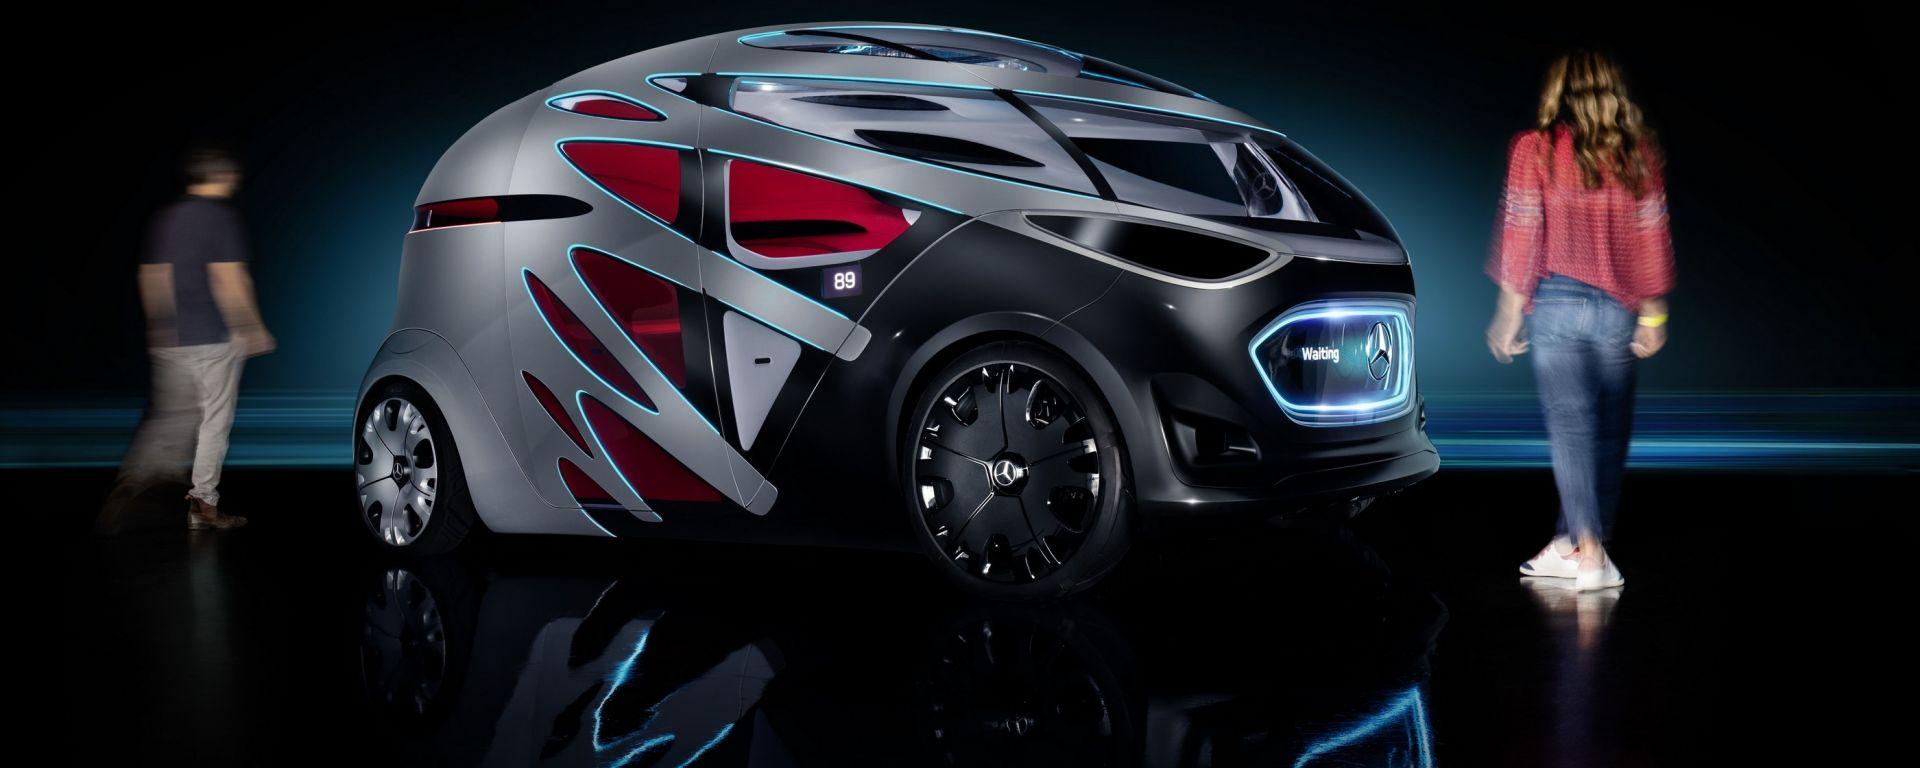 Mercedes Vision Urbanetic: carrozzeria intercambiabile e autopilota